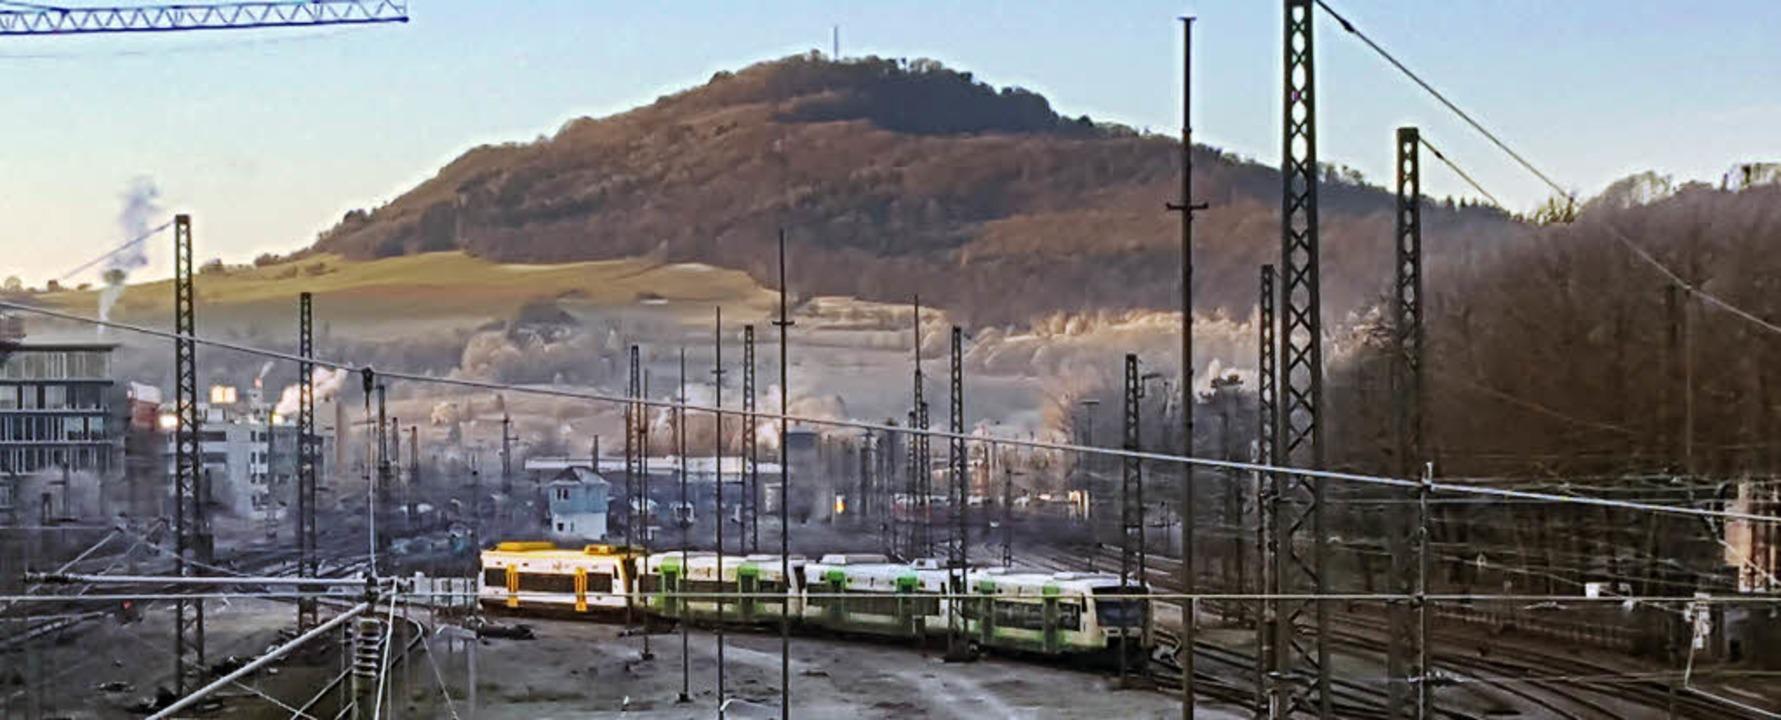 Der Ausbau der Breisgau-S-Bahn ist eines der wichtigsten Infrastrukturprojekte.  | Foto: Sebastian Wolfrum/Peter Stellmach